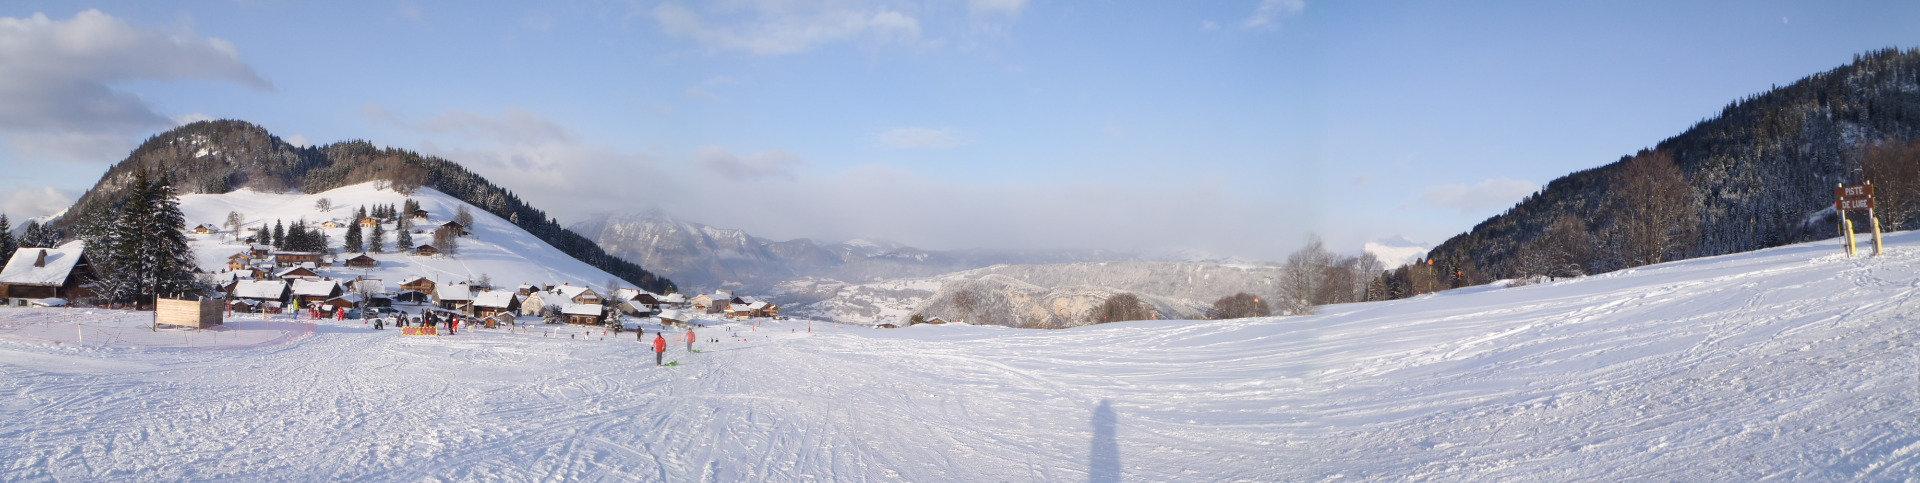 Conditions de ski idéales (neige fraiche et soleil généreux) sur les pistes de Romme - © Office de Tourisme Intercommunal Communauté de communes Cluses Arve & montagnes